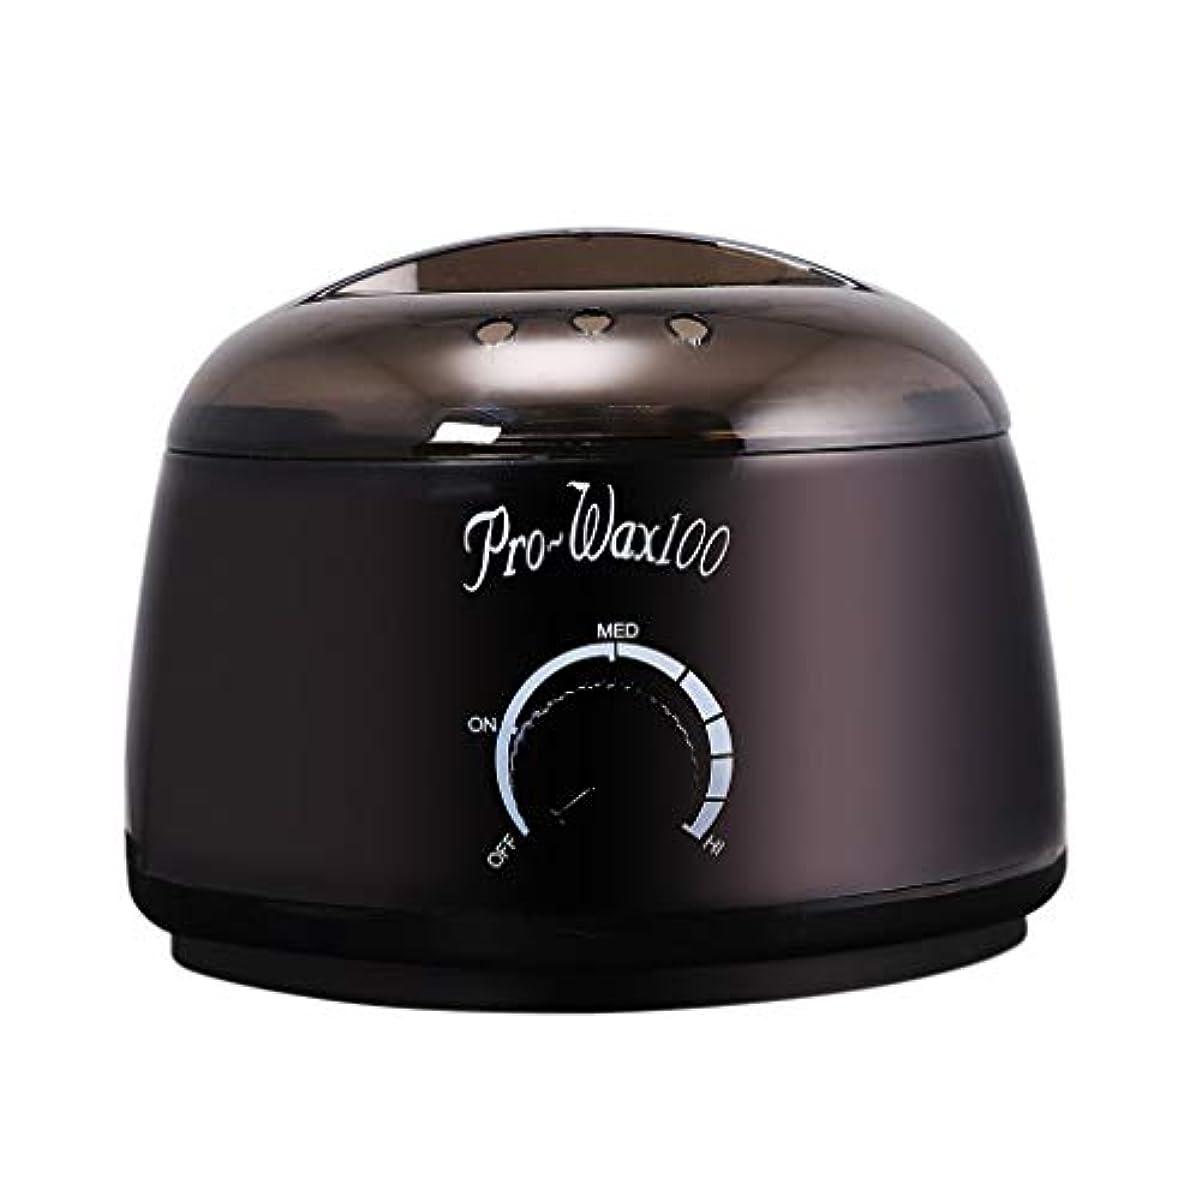 安心卵ハードAkane Pro~Wax100 人気 ワックスウォーマー 美容 多機能 加熱 脱毛 ムダ毛処理 ブラック ワックス豆